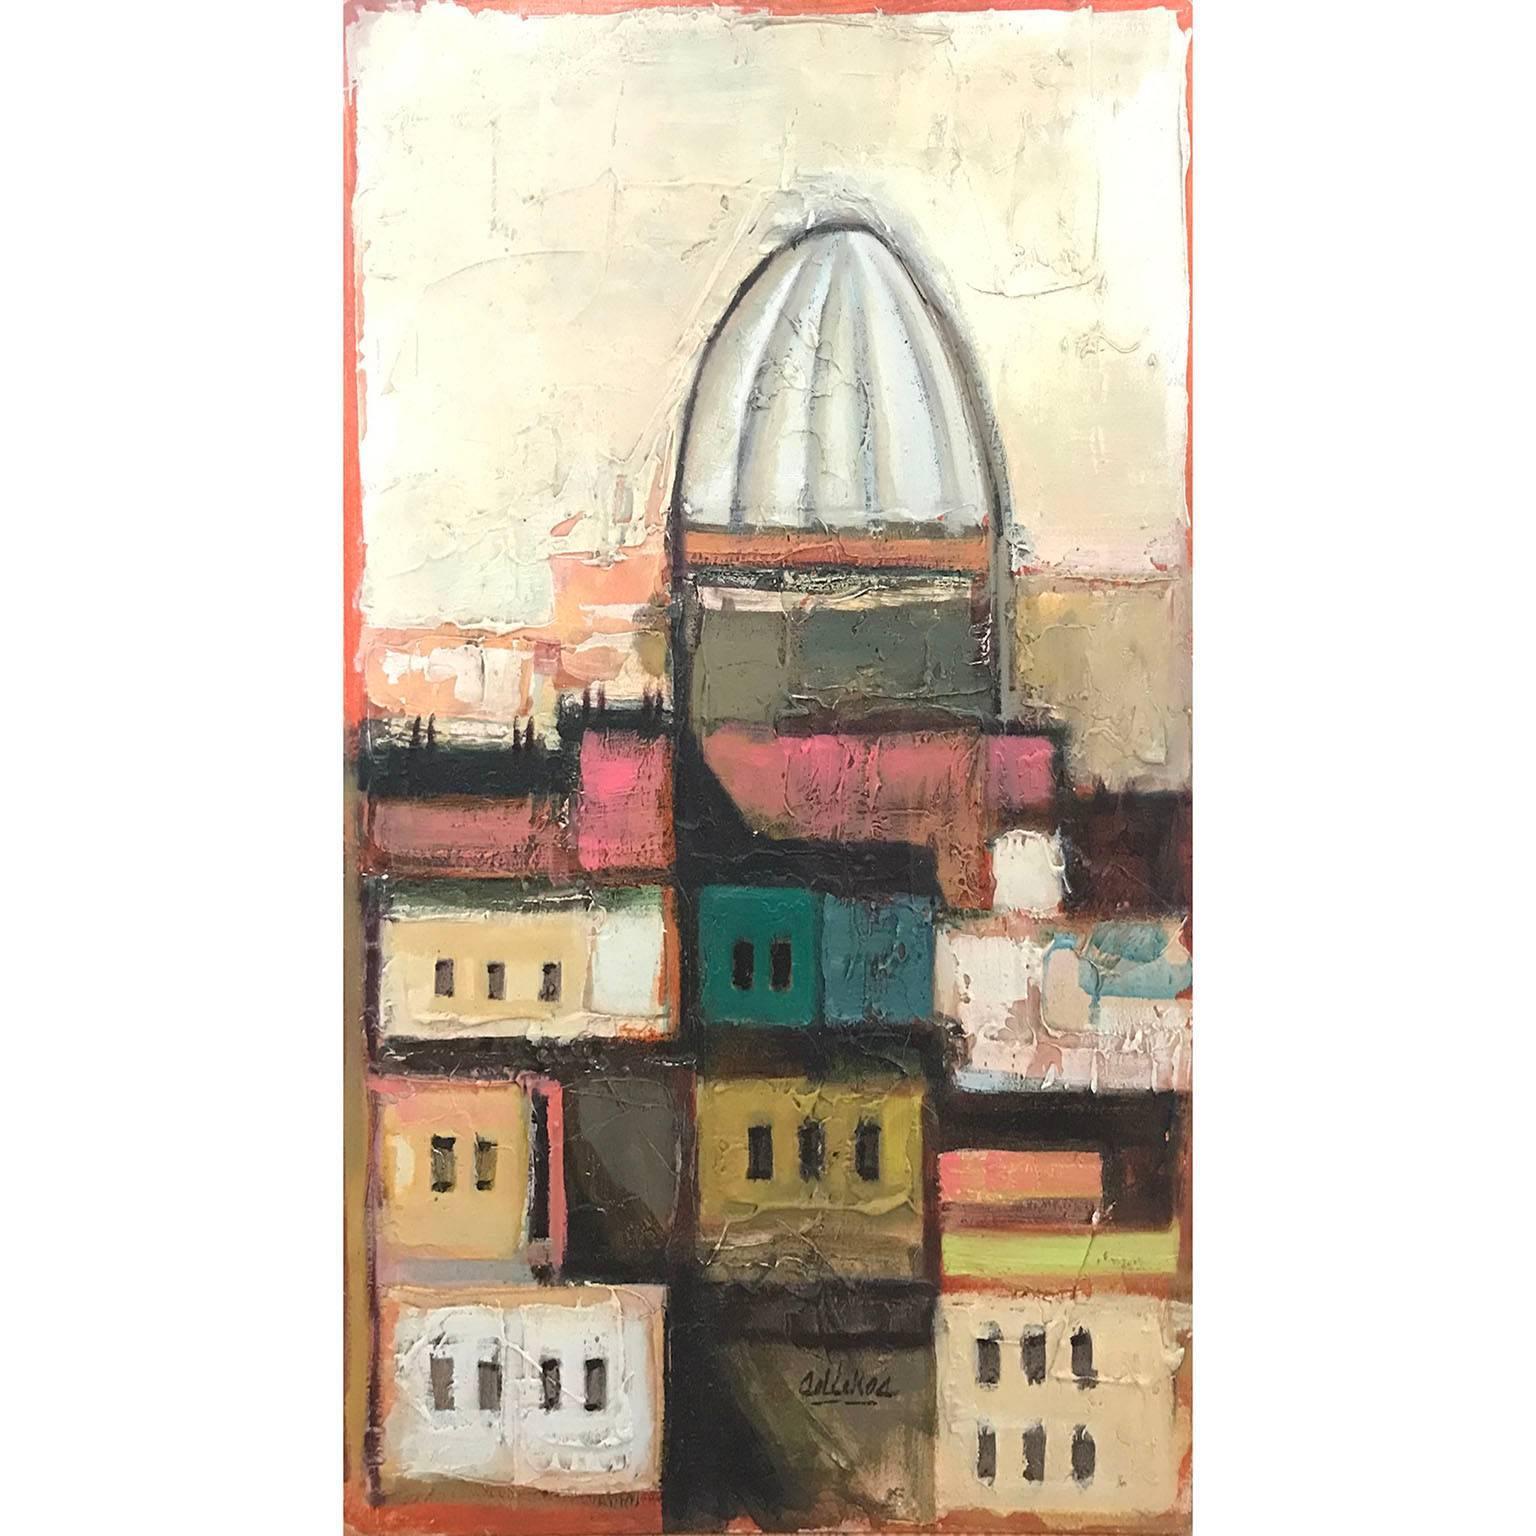 Early David Adickes Abstract Cityscape, 1960s